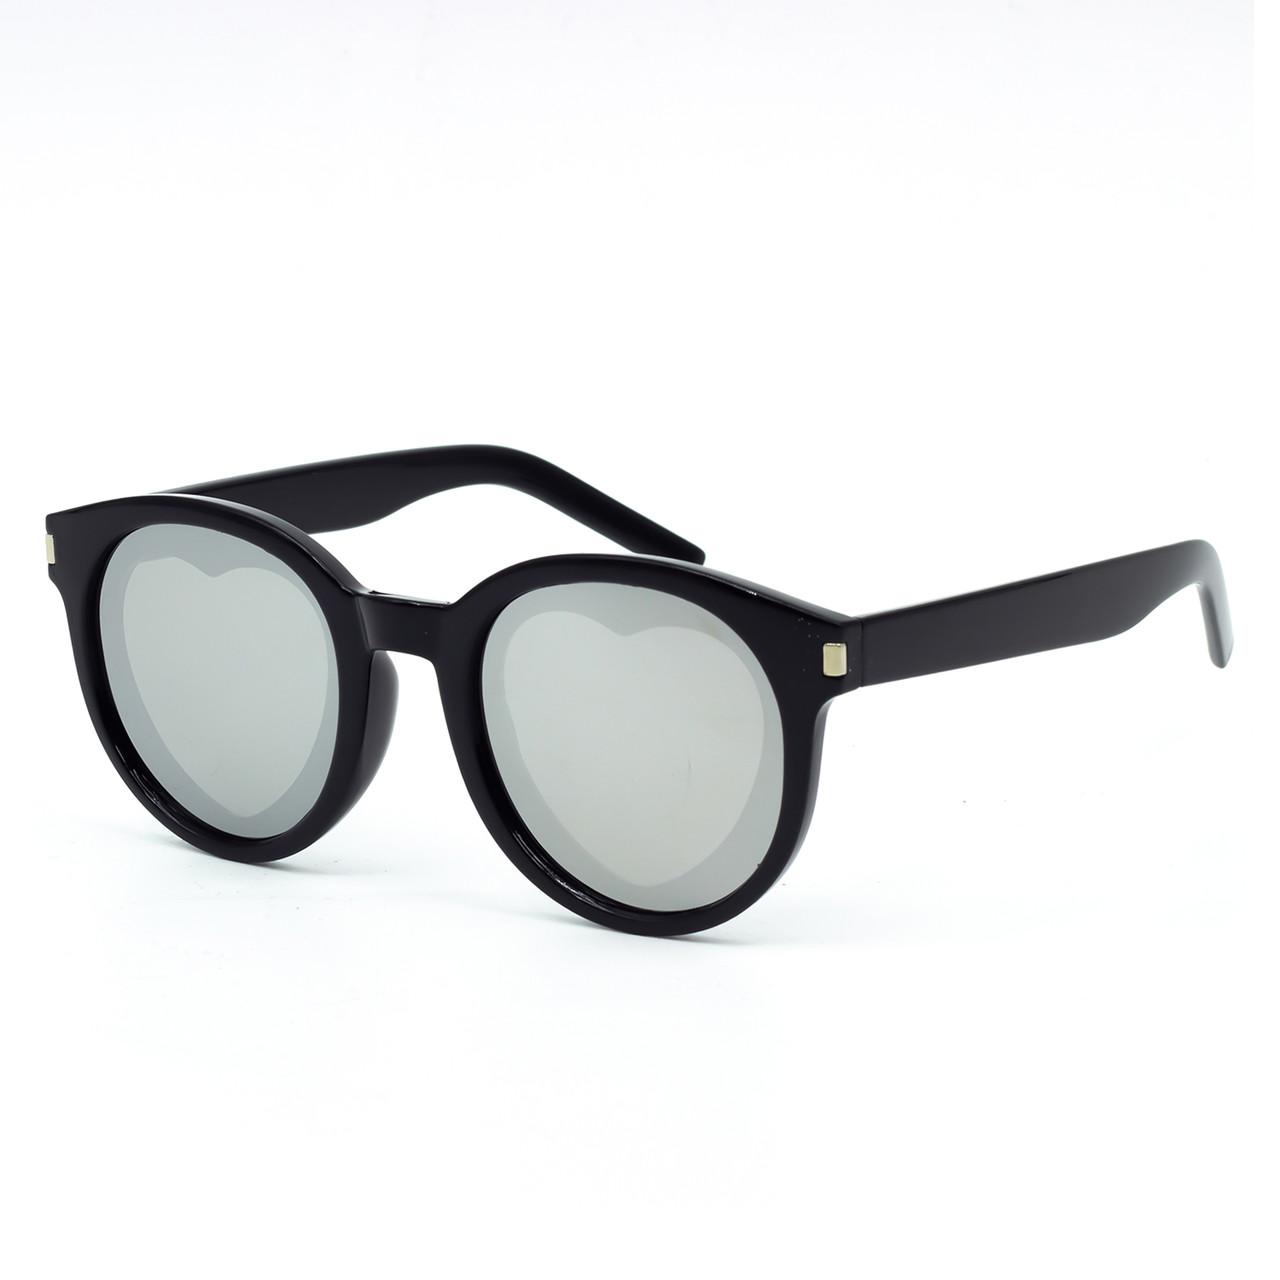 Солнцезащитные очки Marmilen Z3302 черные зеркальные     ( Z3302-05 )